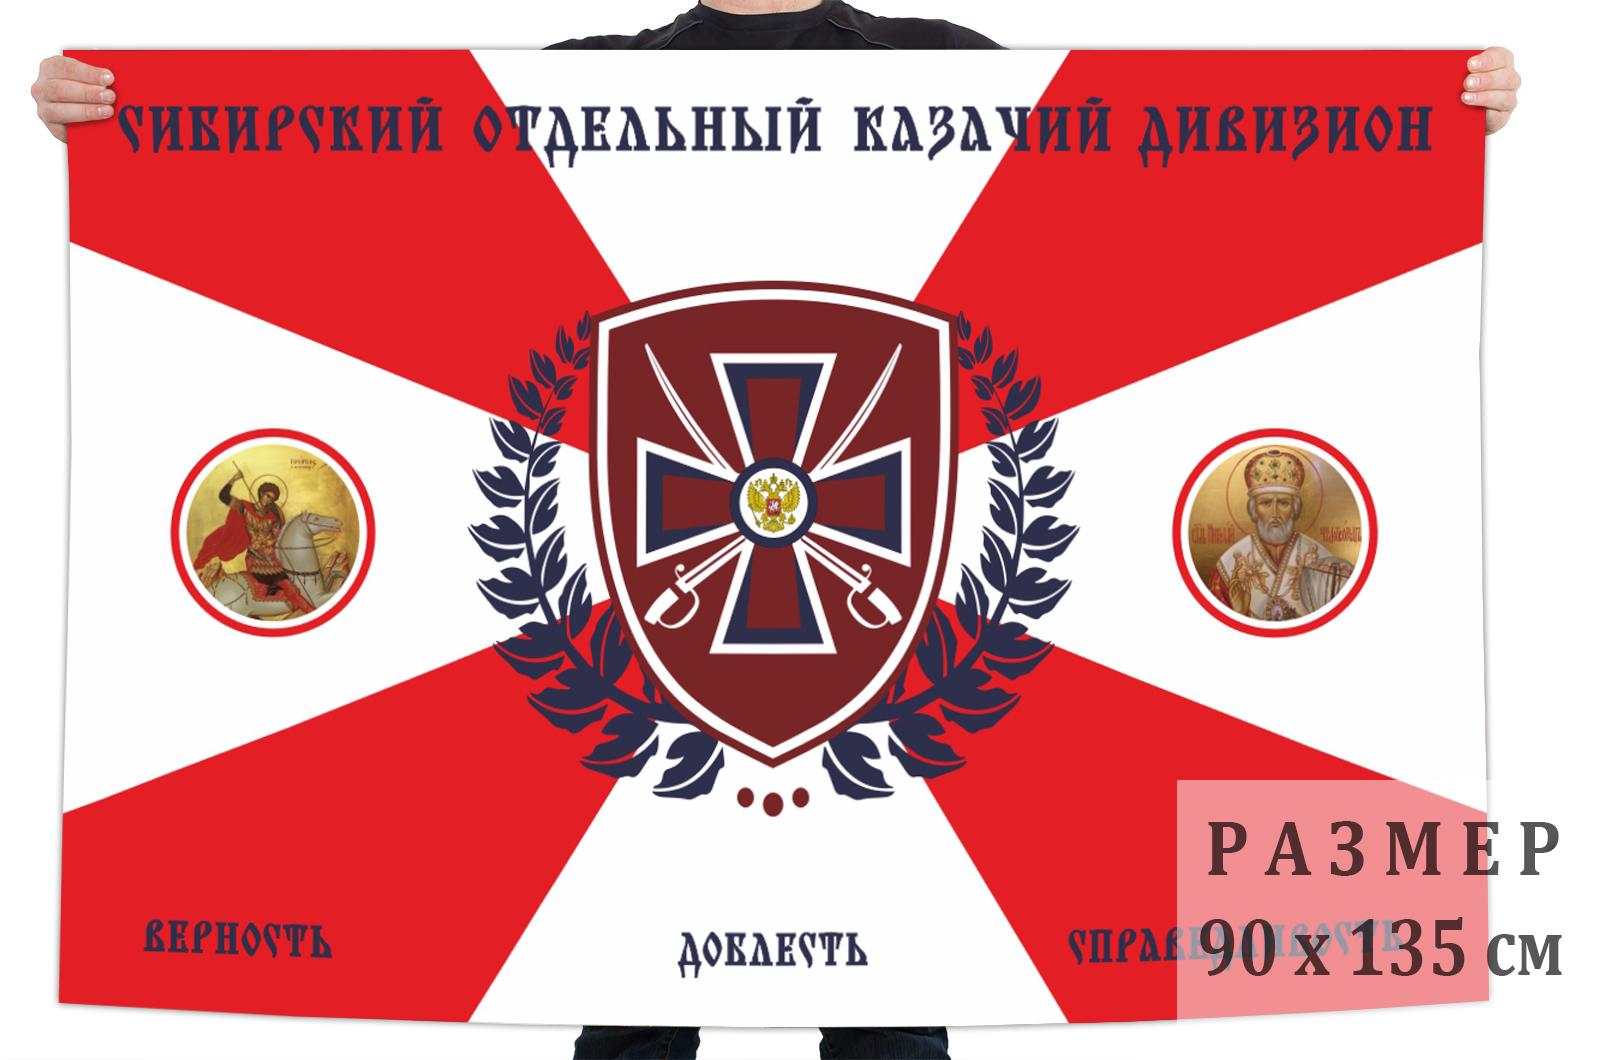 Купить в Москве флаг Фонда «Сибирский Отдельный Казачий Дивизион»